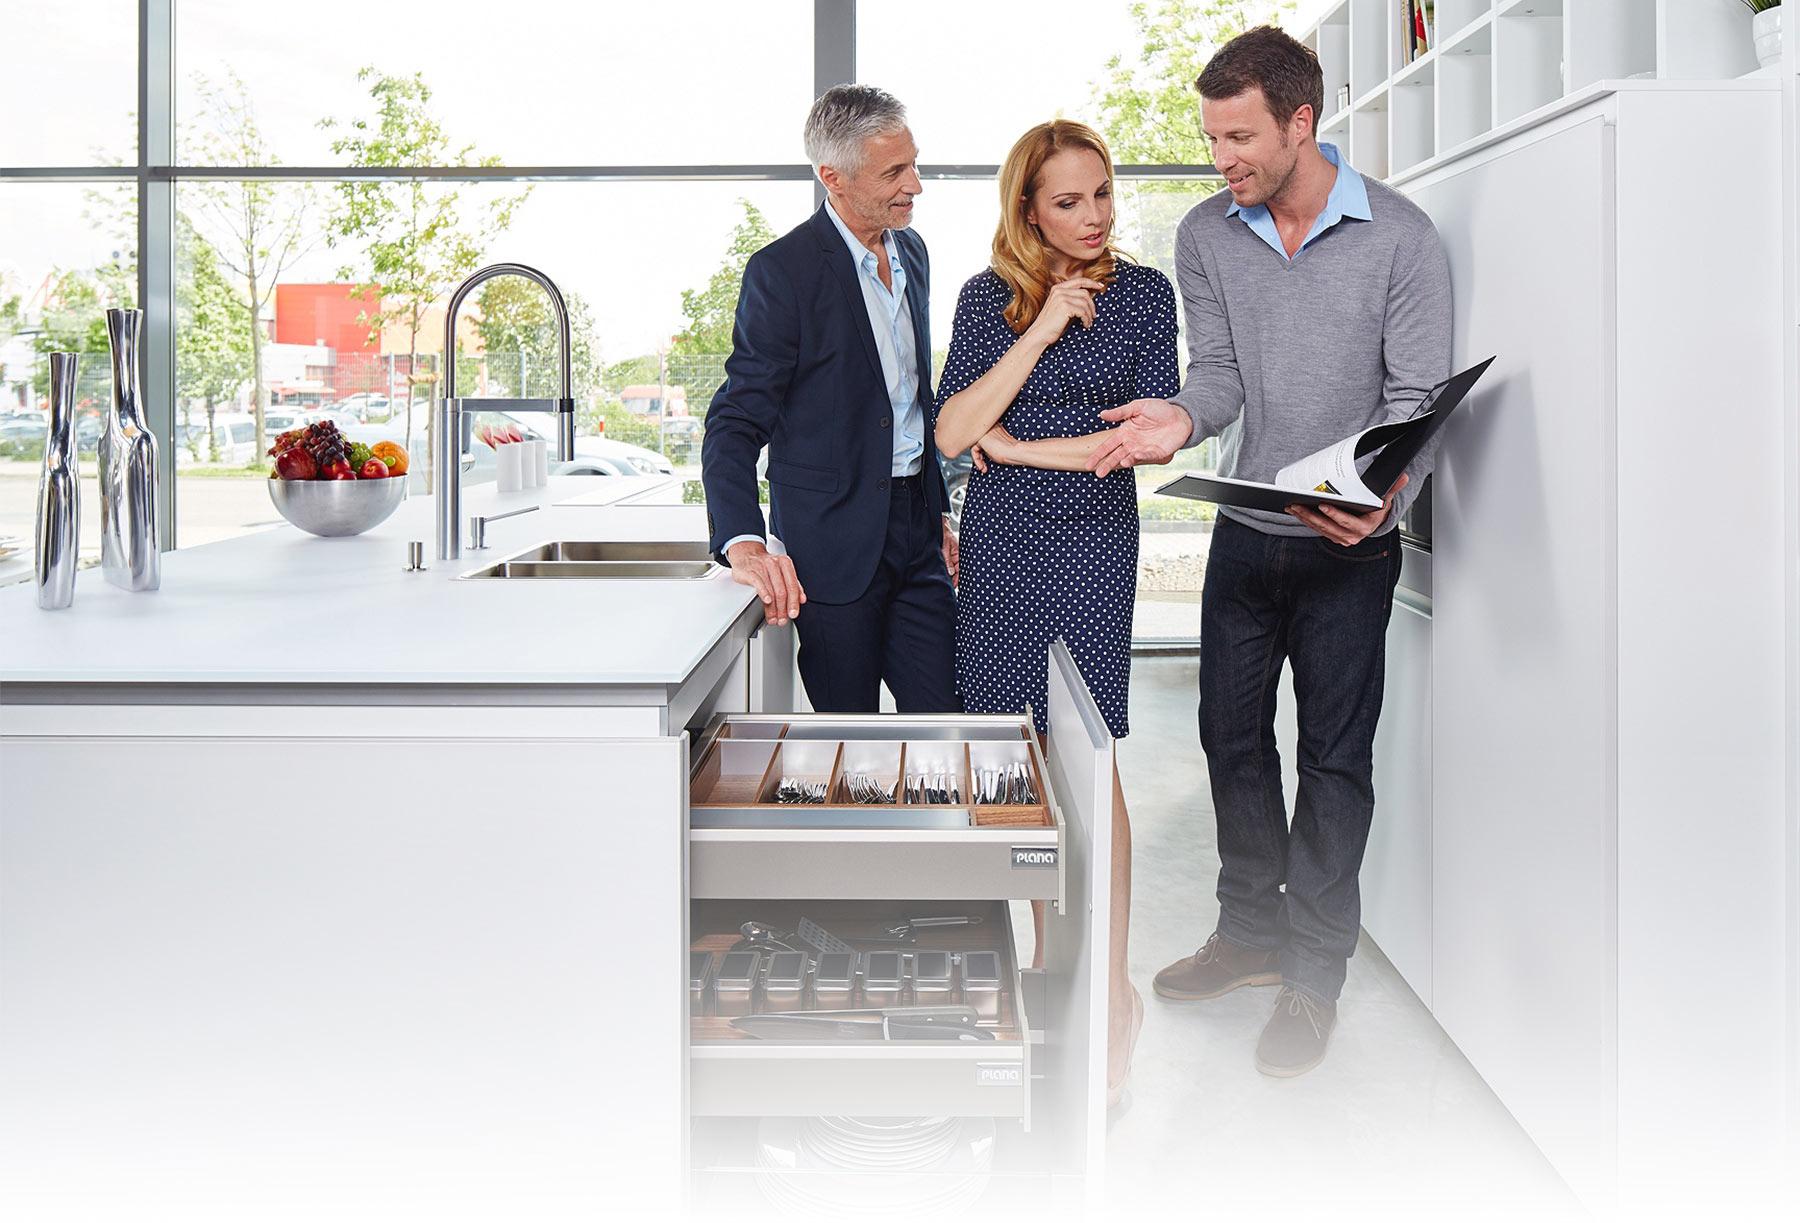 Full Size of Günstige Küche Selber Planen Küche Selber Planen Günstig Küche Selber Planen Online Kostenlos Küche Selber Planen Und Zeichnen Küche Küche Selber Planen